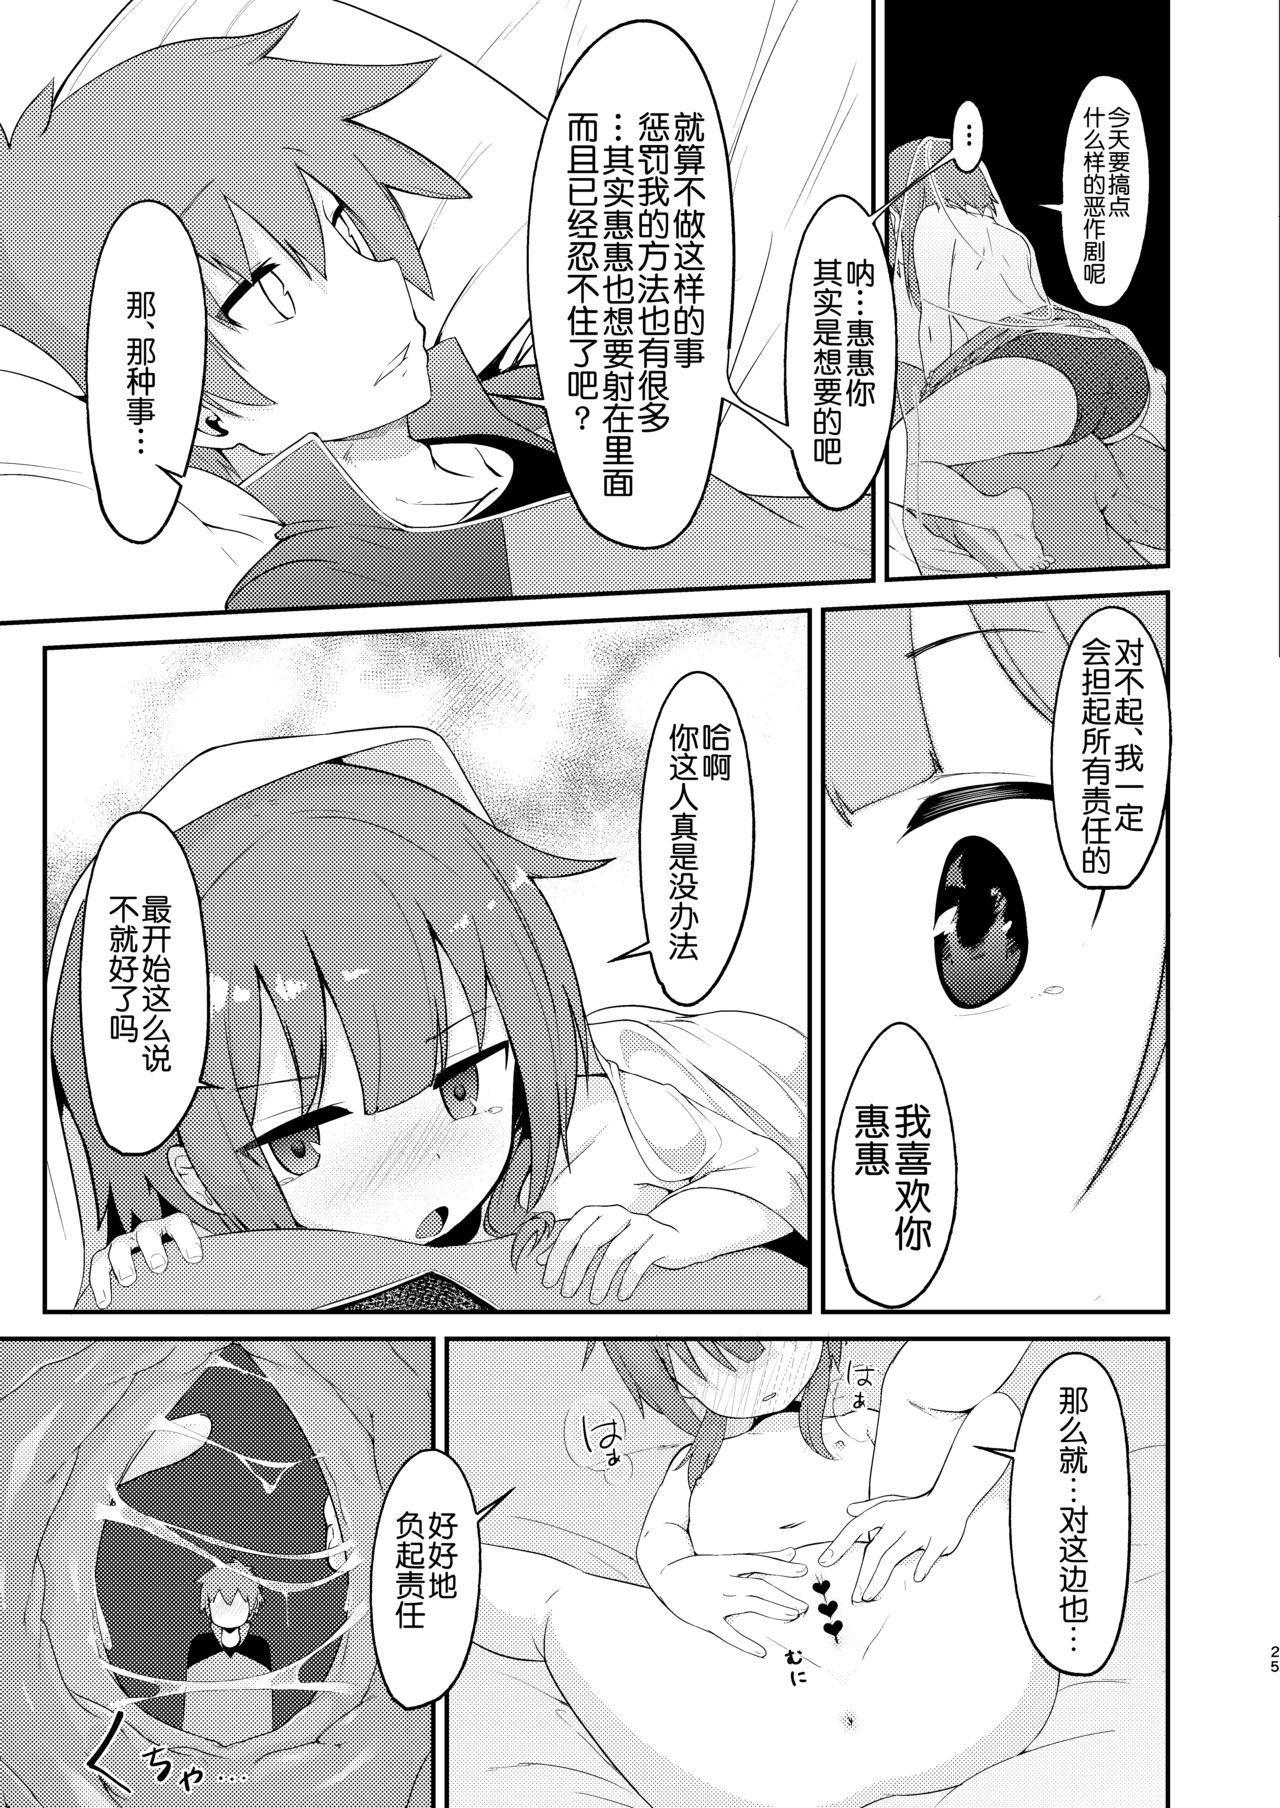 Lolikko Megumin o Kouryaku Seyo! 24